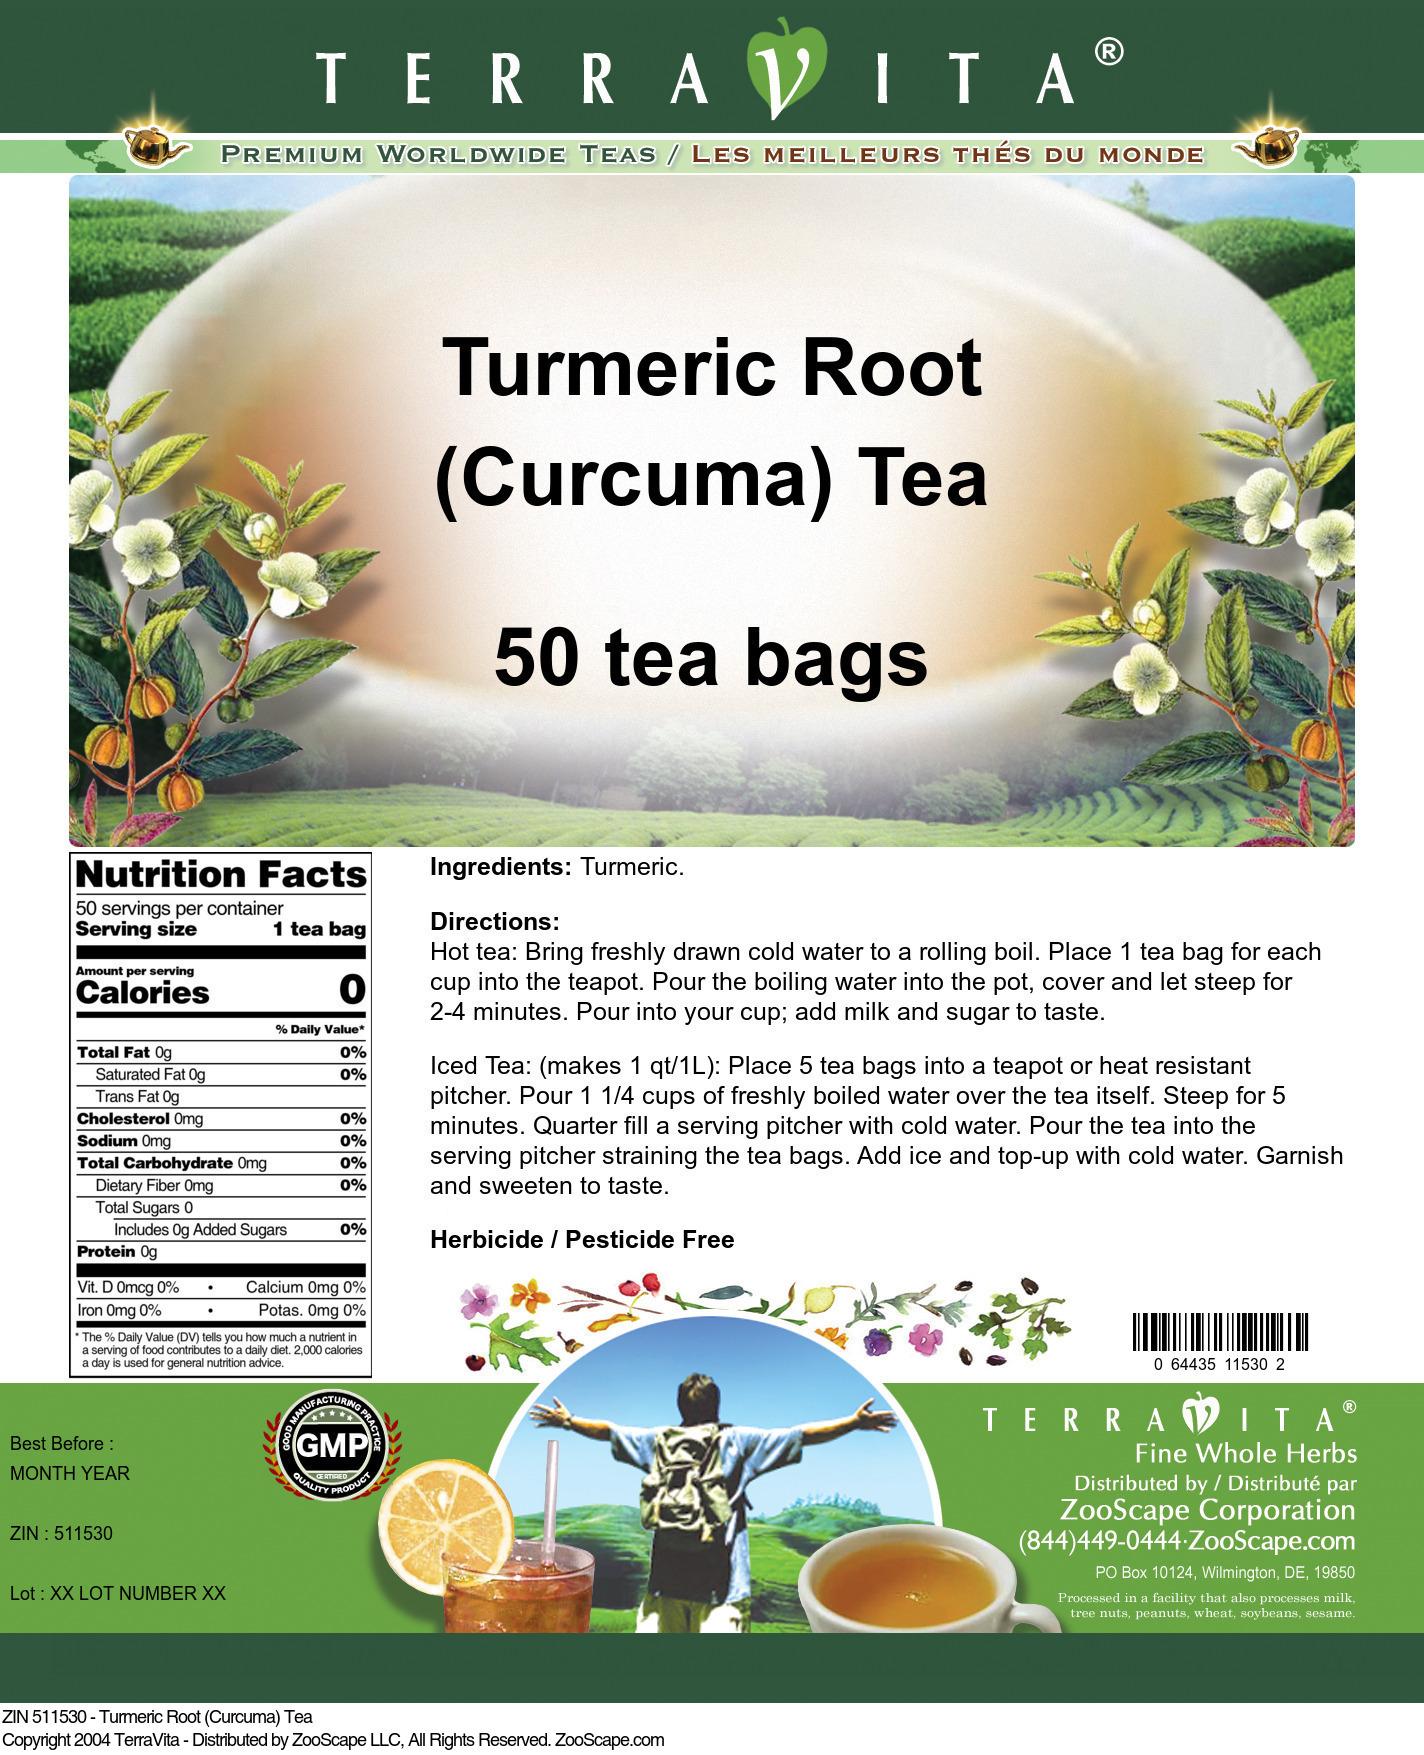 Turmeric Root (Curcuma) Tea